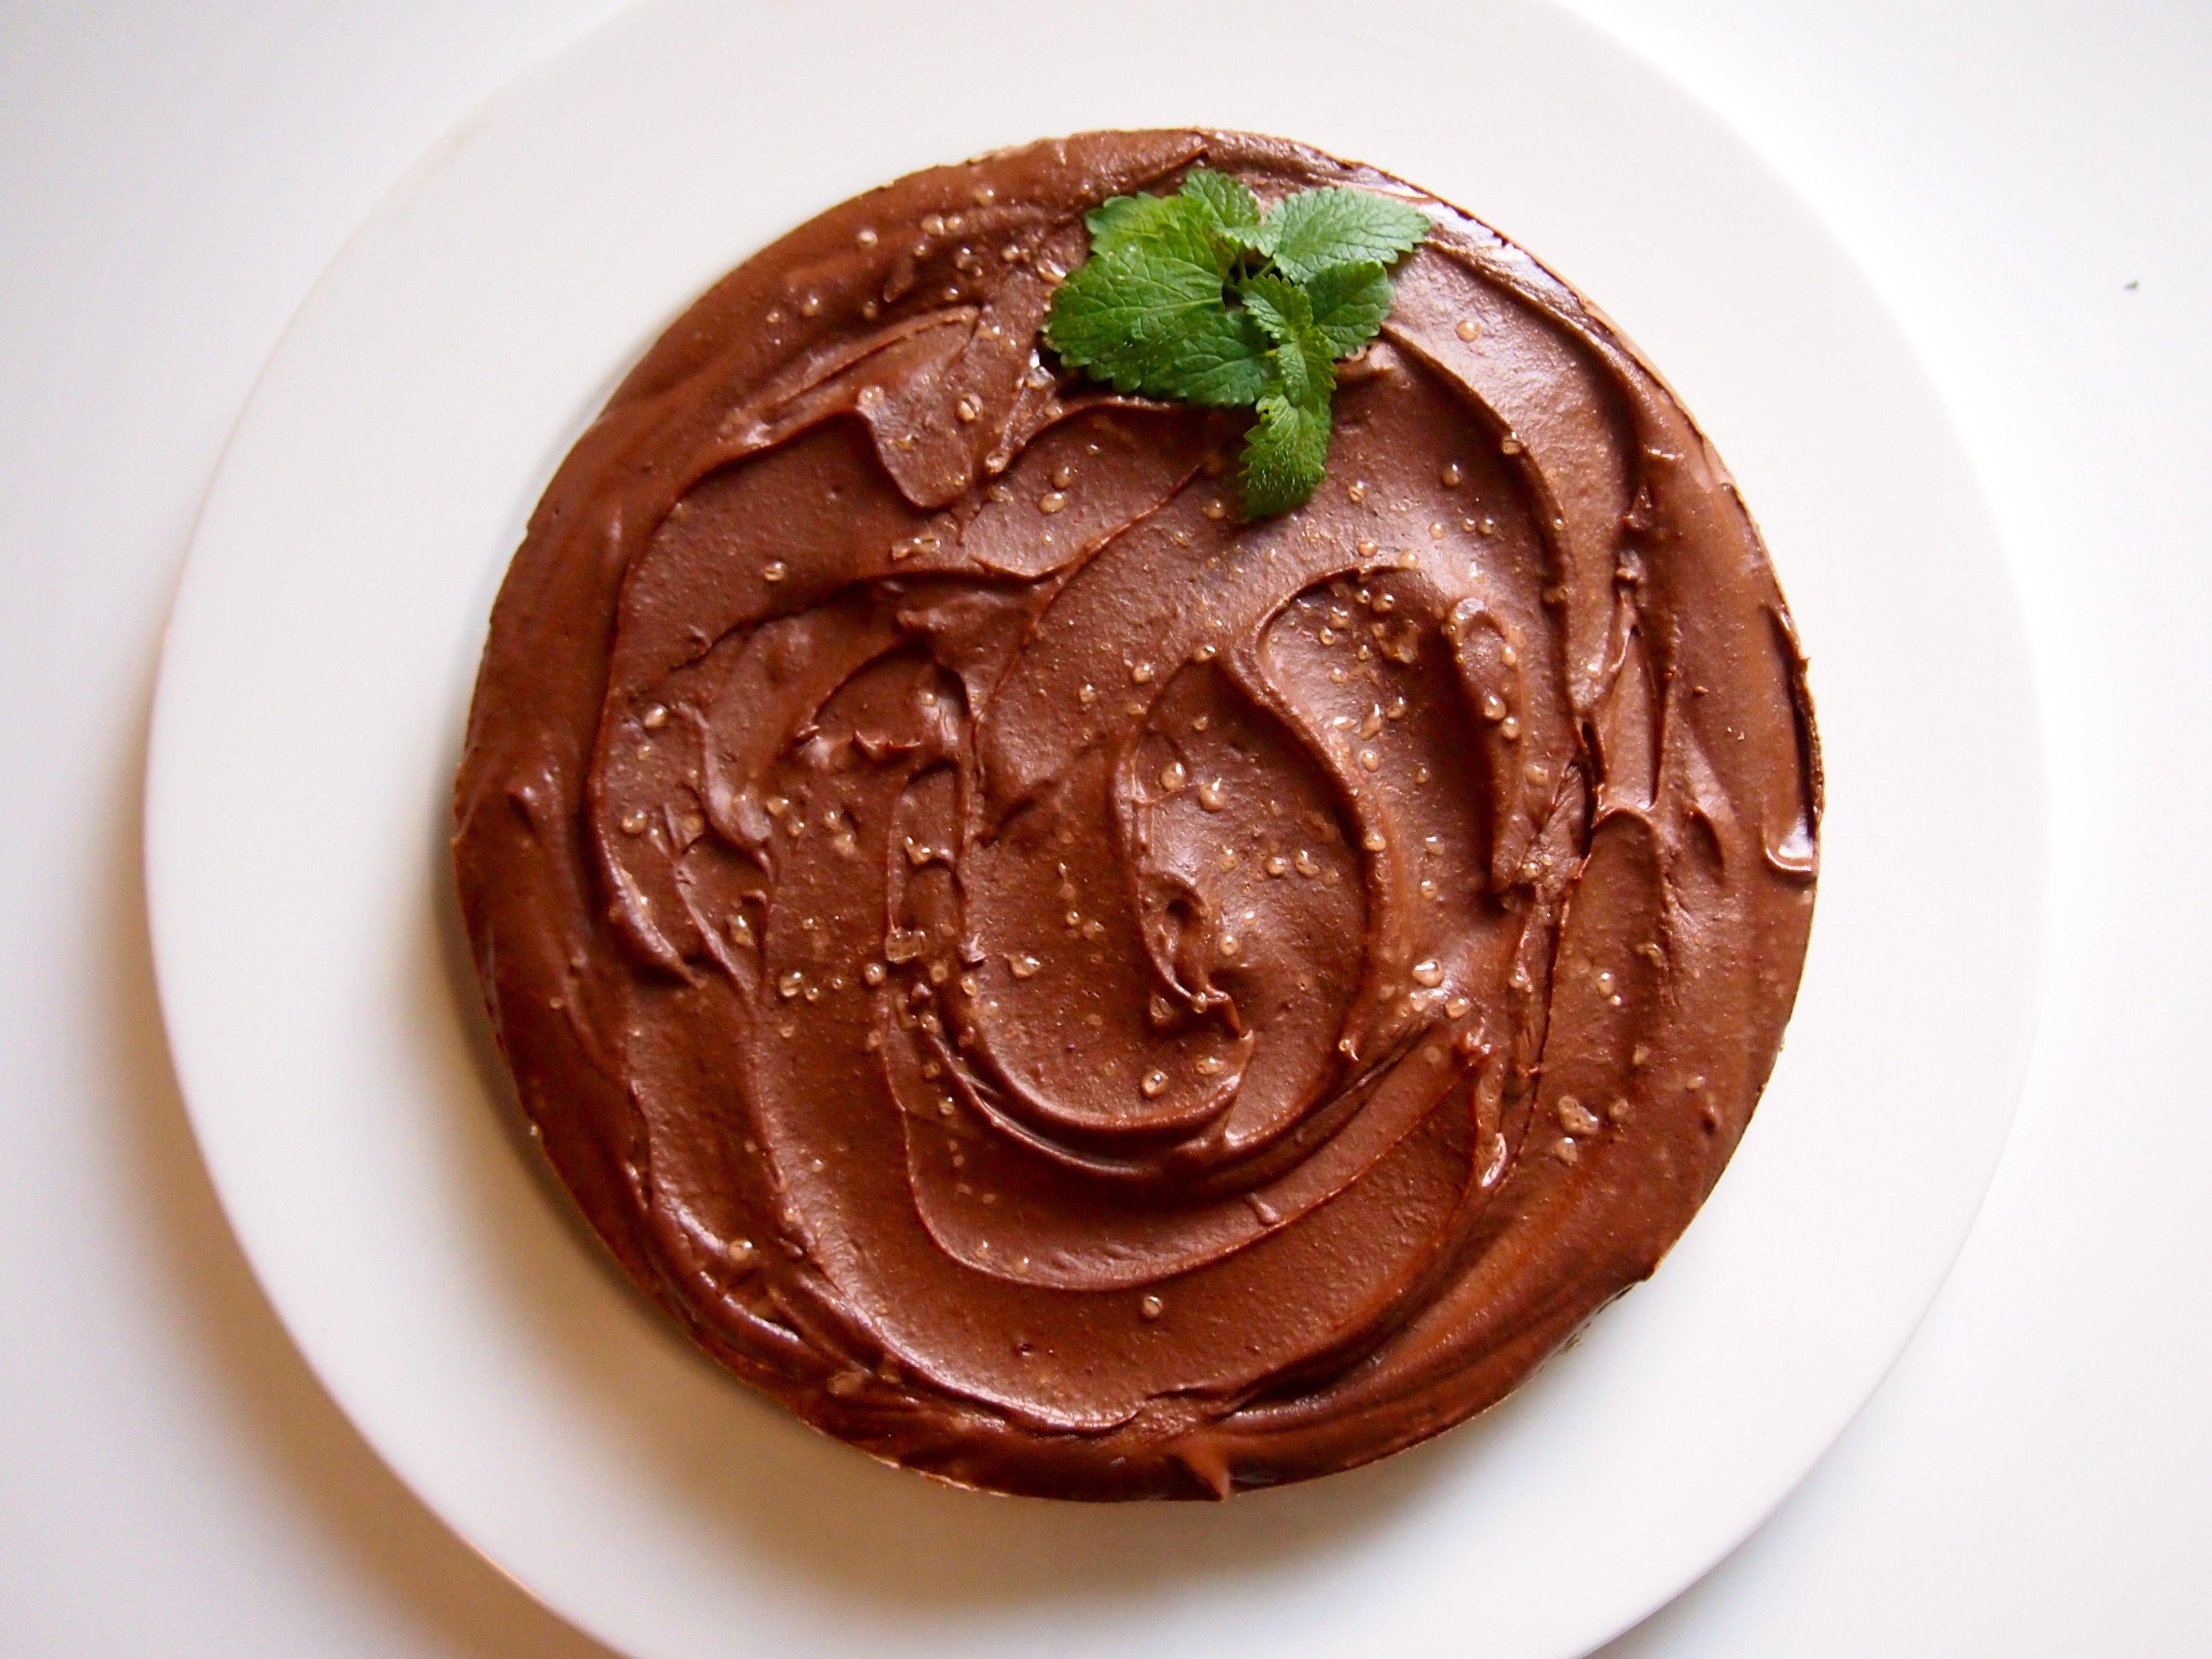 Minttusuklaakakku w/ a hint of salt 4 dl liotettuja cashewpähkinöitä 1 banaani 1 dl sulatettua kookosöljyä 4-5 rkl raakakaakaojauhetta (+1 rkl tummaa sokeritonta kaakaojauhetta antamaan väriä – valinnainen) 1 dl kookoskermaa 1 rkl hunajaa 3-4 tippaa minttuöjyä (esim. Japol) n. 0,5 tl ruususuolaa + suolakiteitä pinnalle  Pohja: 4 dl mulperimarjoja 3-4 dl mantelijauhoja n. 0,5 dl vettä pieni kourallinen kookoslastuja (valinnainen) hieman suolaa